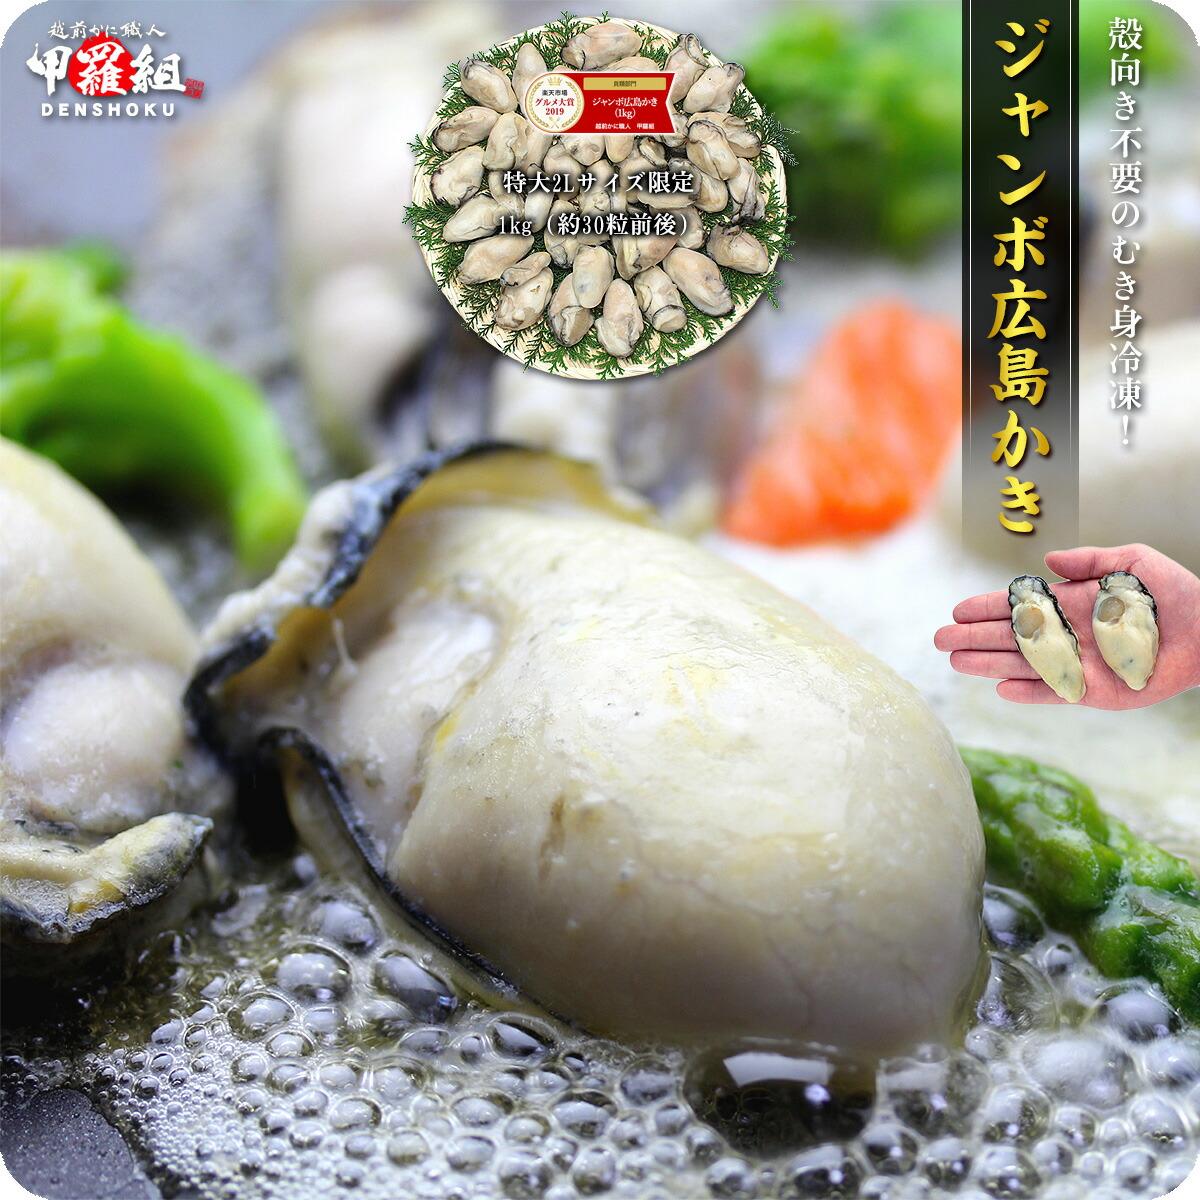 ジャンボ広島かき1kg(解凍後850g/30粒前後※2Lサイズ)【カキ】【牡蠣】【かき】